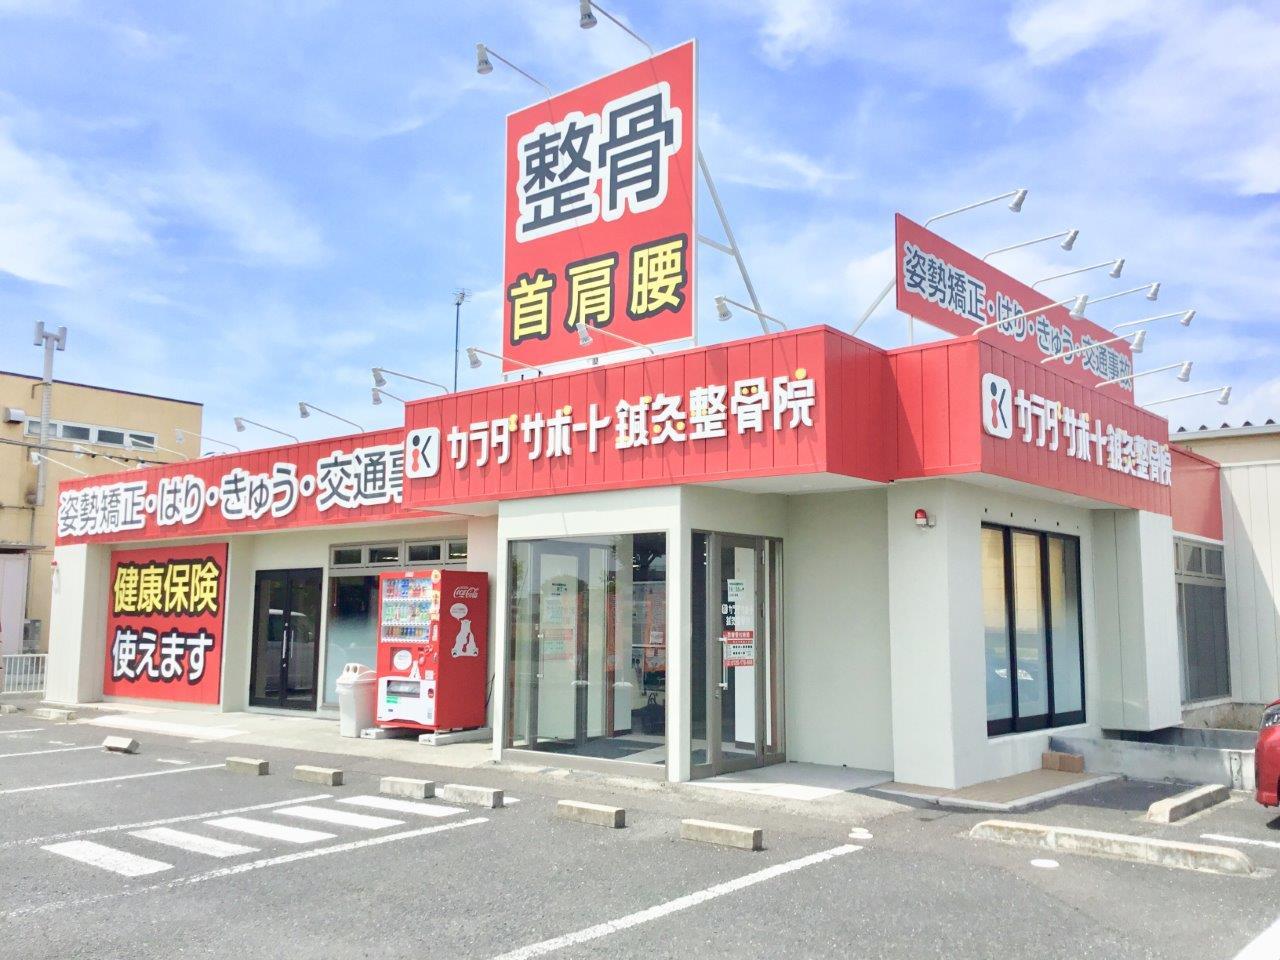 カラダサポート鍼灸整骨院 太田院